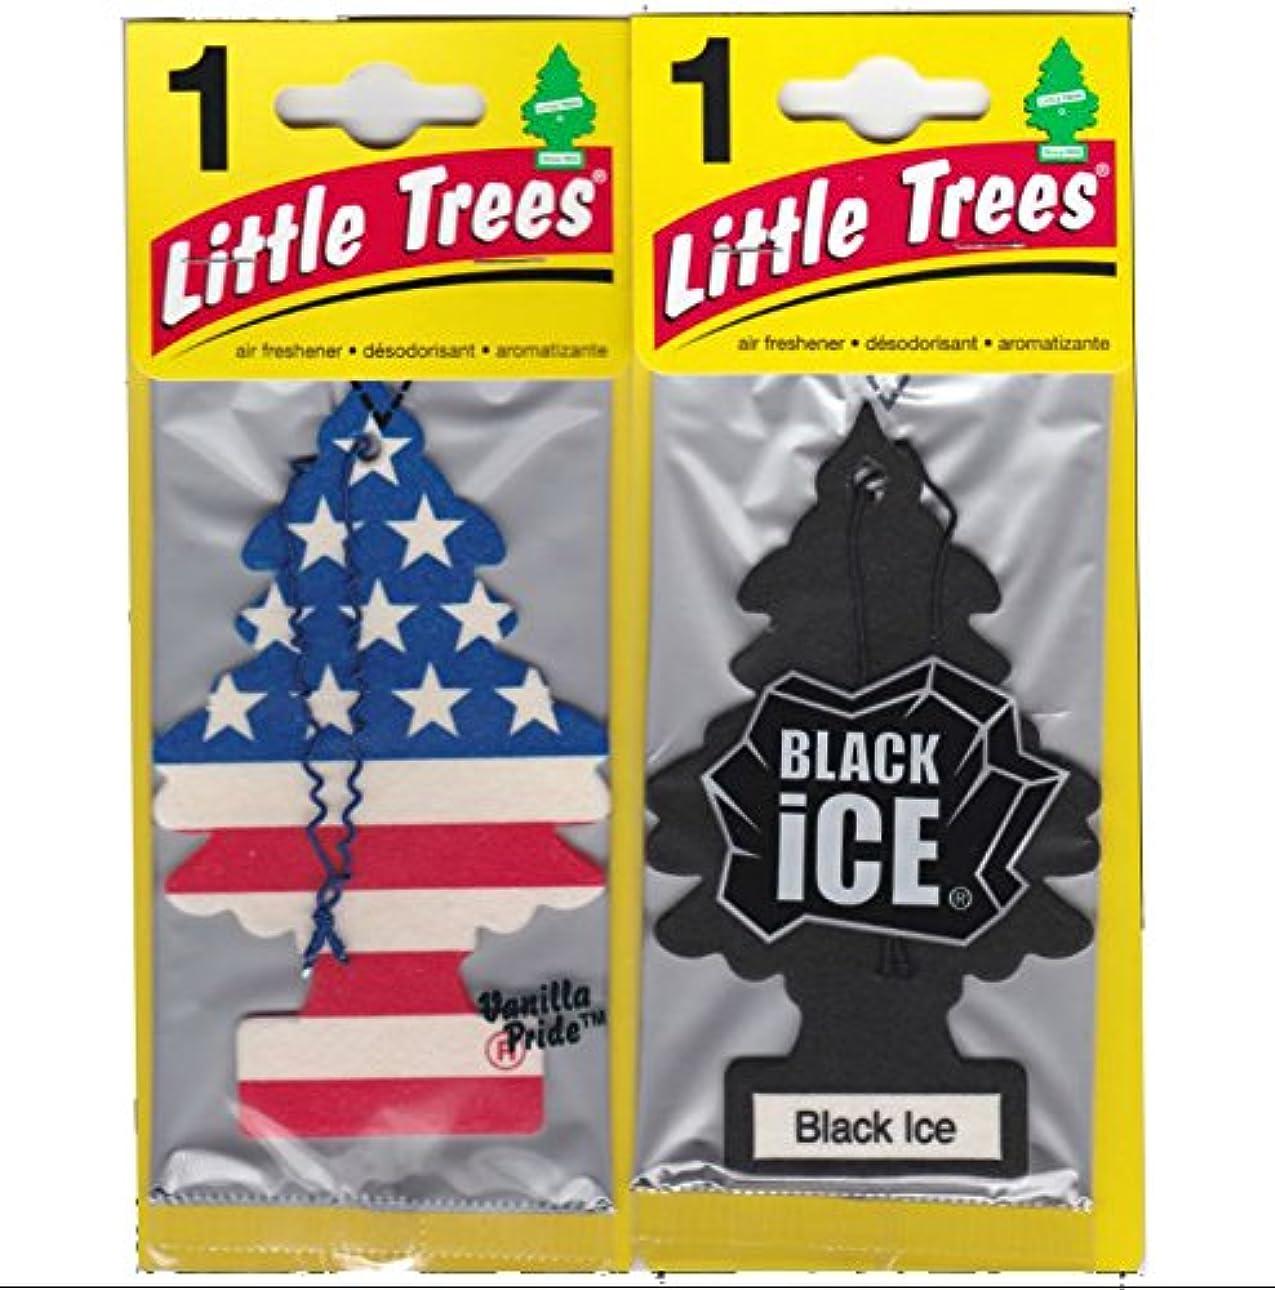 衝突どこかセールLittle Trees 吊下げ式 芳香剤 エアーフレッシュナー ブラックアイス & バニラプライド [並行輸入品]